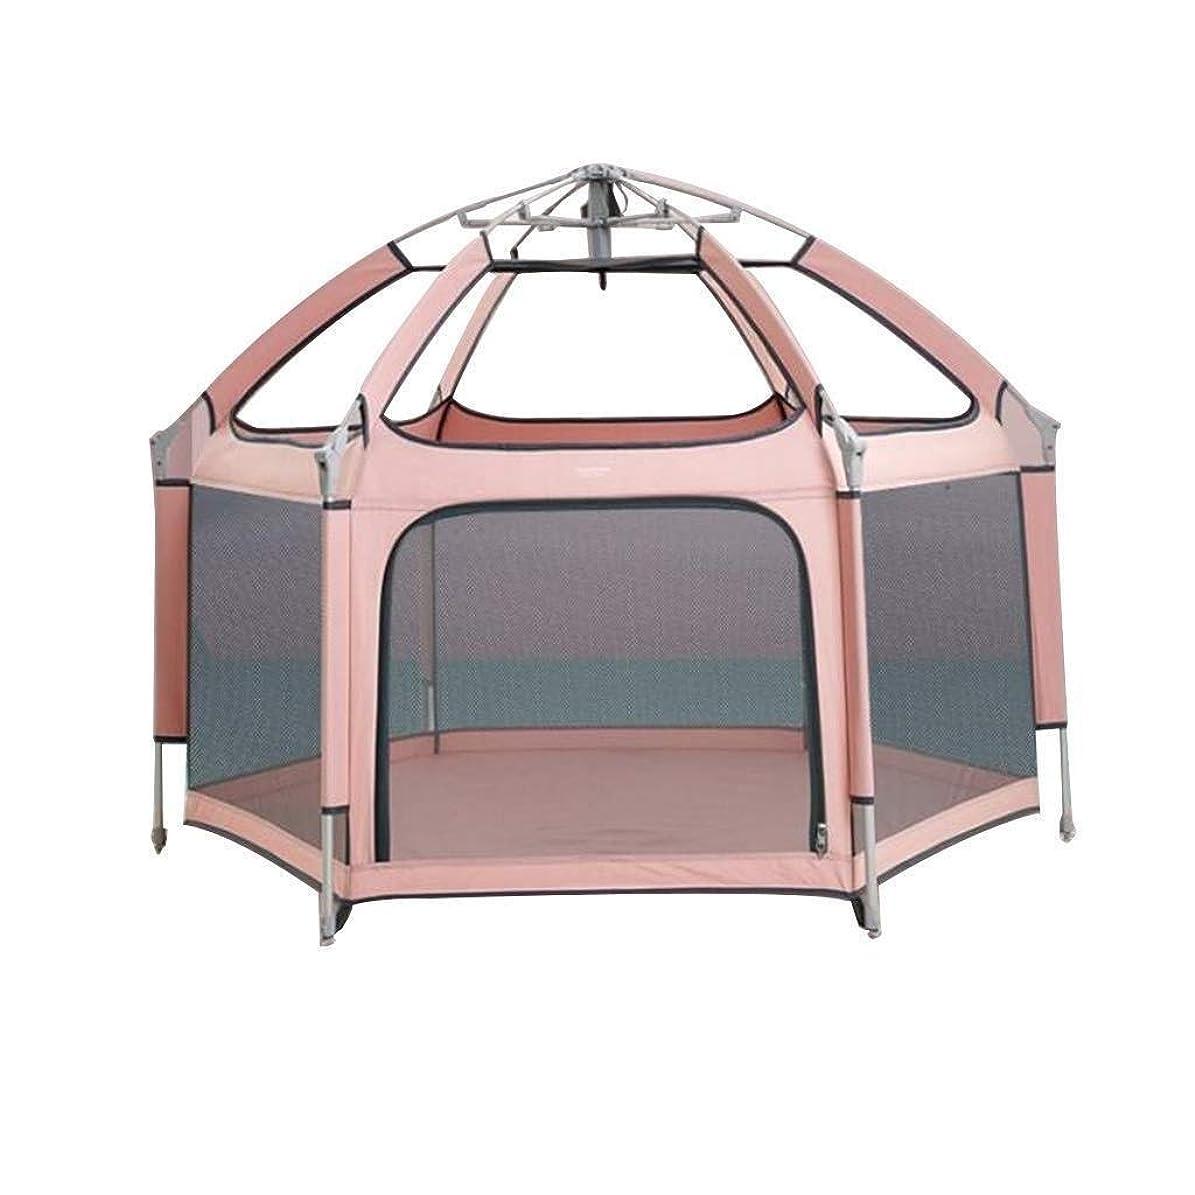 尾製油所粘性の特大ベビーベビーサークルベビーフェンスおもちゃハウスベビーゲームベビーサークルキッズ安全プレイセンターヤードホーム屋内フェンスサイズ (Color : ピンク)